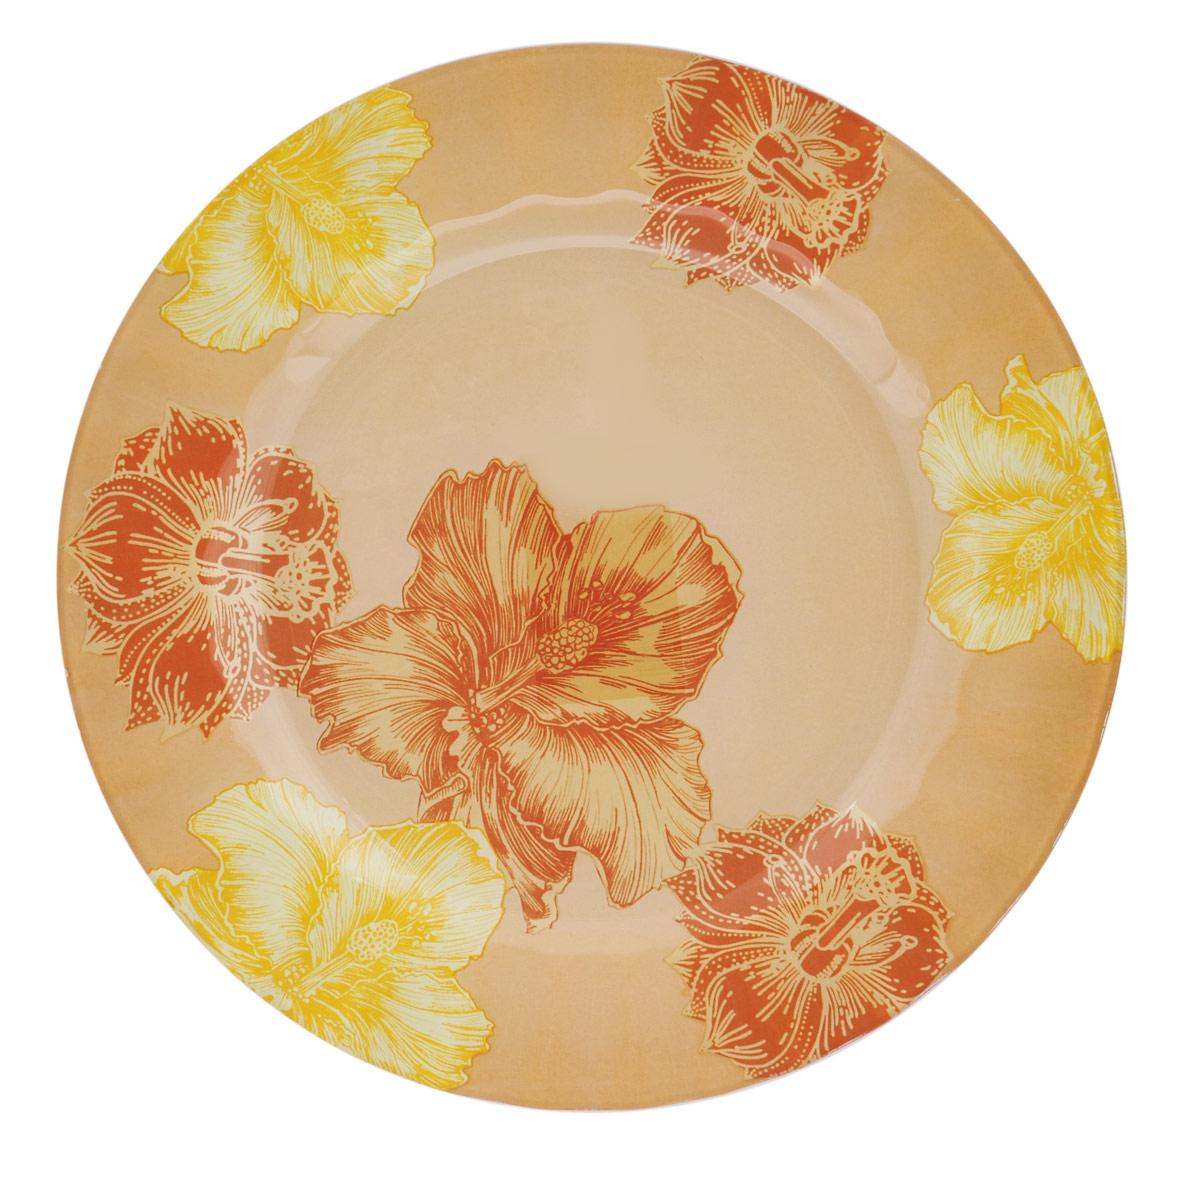 Тарелка House & Holder Цветы, диаметр 25 см. S3010EG008S3010EG008Круглая тарелка House & Holder Цветы, изготовленная из стекла, декорирована ярким изображением. Такая тарелка украсит сервировку вашего стола и подчеркнет прекрасный вкус хозяина, а также станет отличным подарком. Диаметр: 25 см. Высота: 1,9 см.